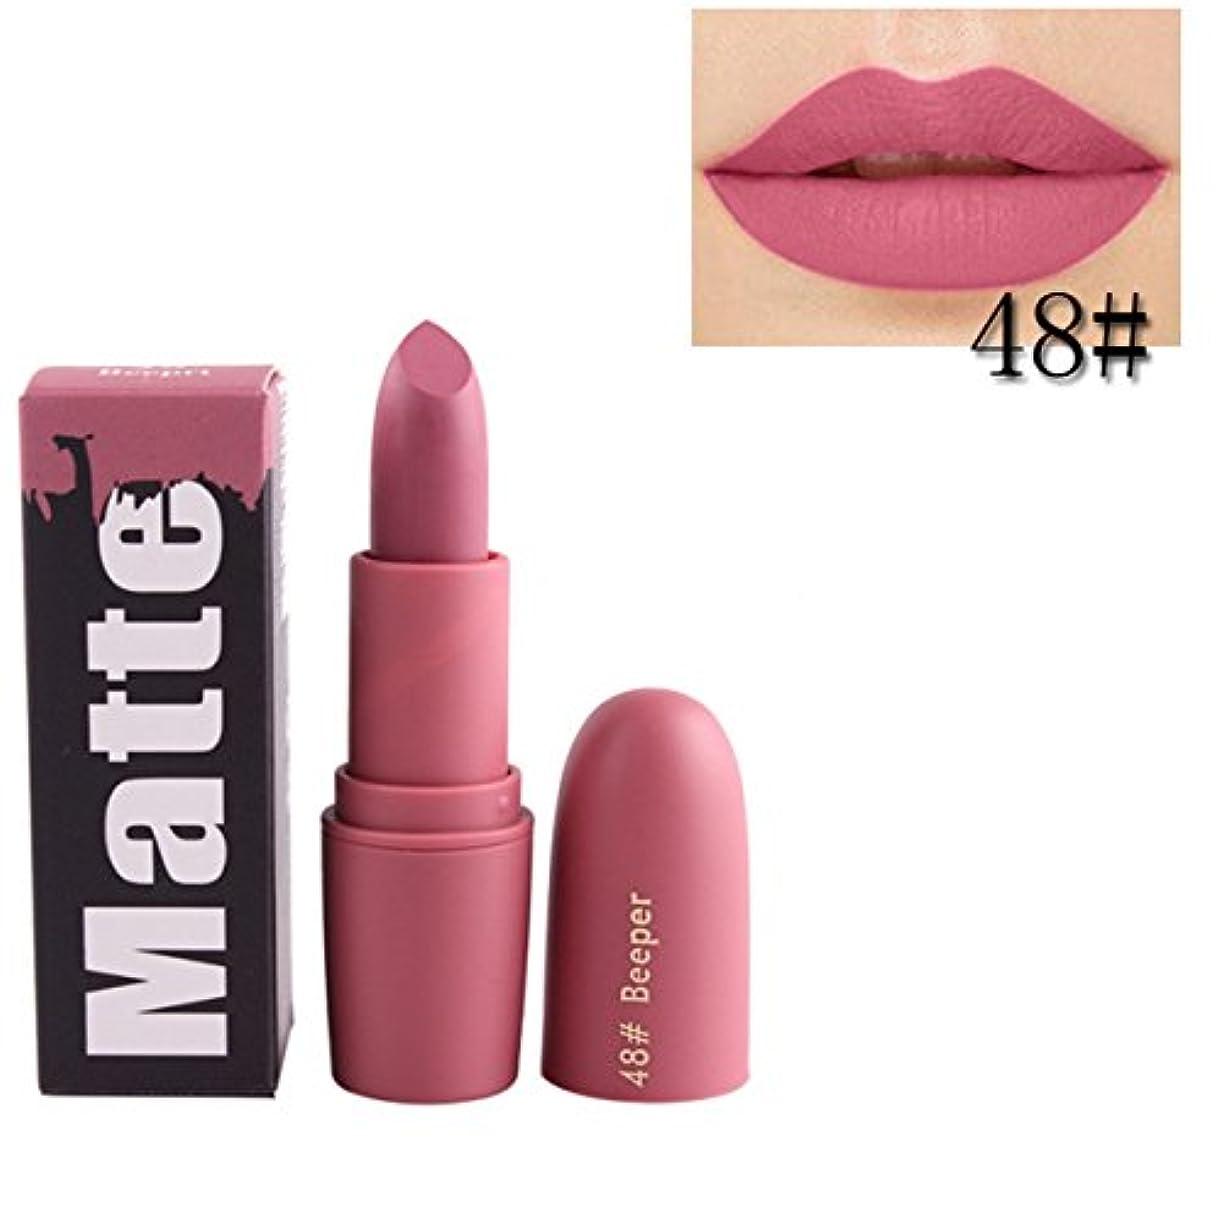 モザイクすずめこしょう女性口紅 BOBOGOJP 欧米風 ミストマット リップグロス 18色選択 保湿 持続性 魅力的 リップリップスティック モイスチャライジング リップスティックメイク 恋する唇 おすすめリップスティック (L)